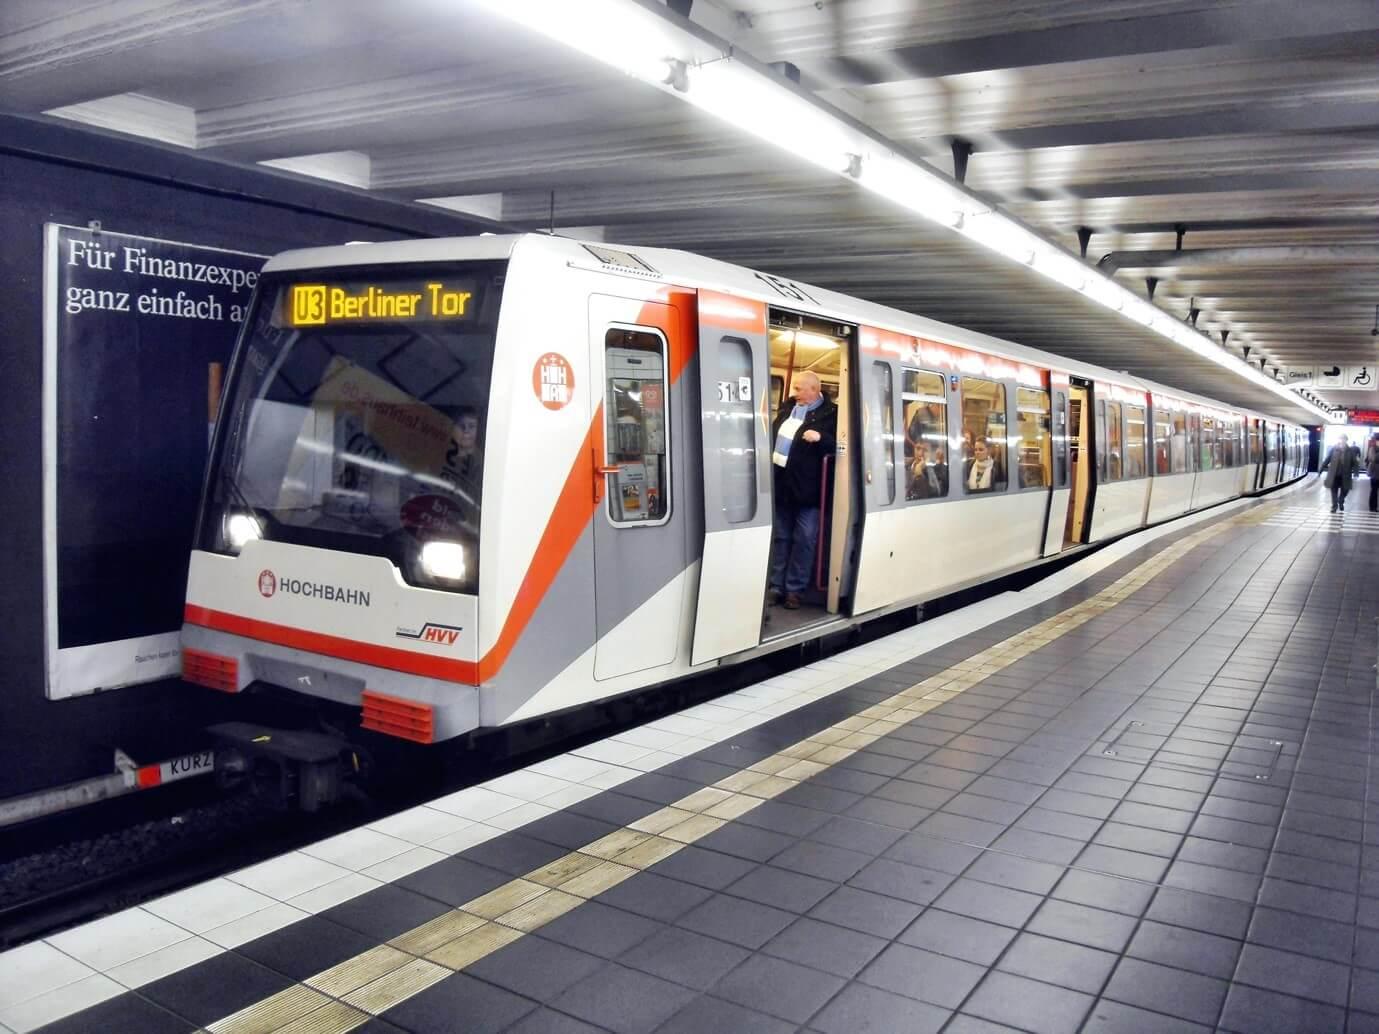 Tàu điện ngầm (U-Bahn)